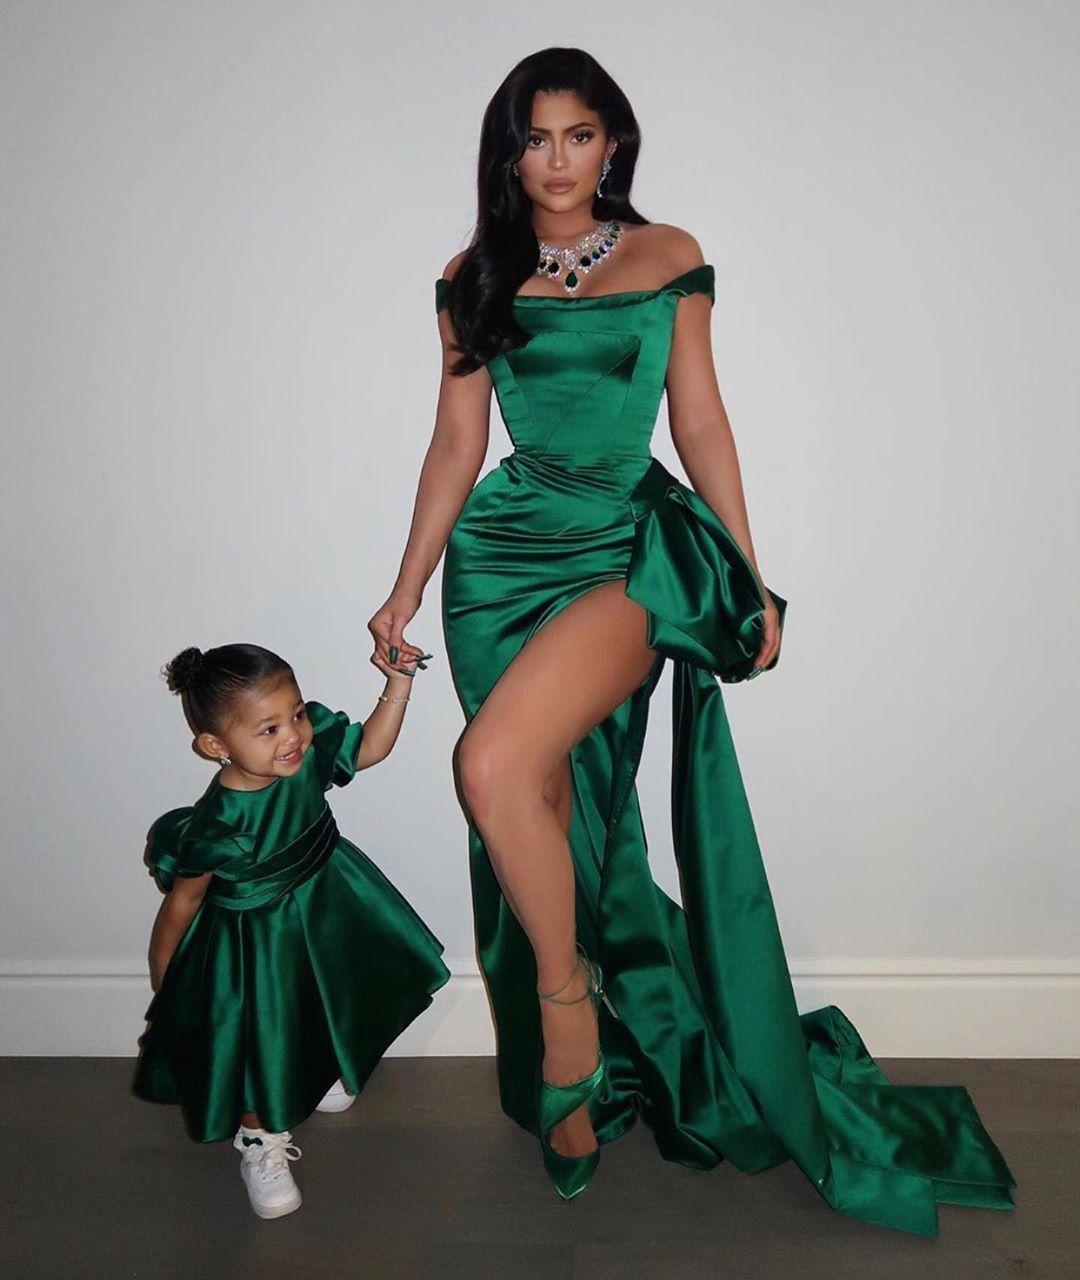 2020 Verde árabe Aso Ebi Hunter Sexy Evening Dresses Mermaid alta Dividir Prom Vestidos Cheap formal do partido Segundo Recepção Vestidos ZJ224